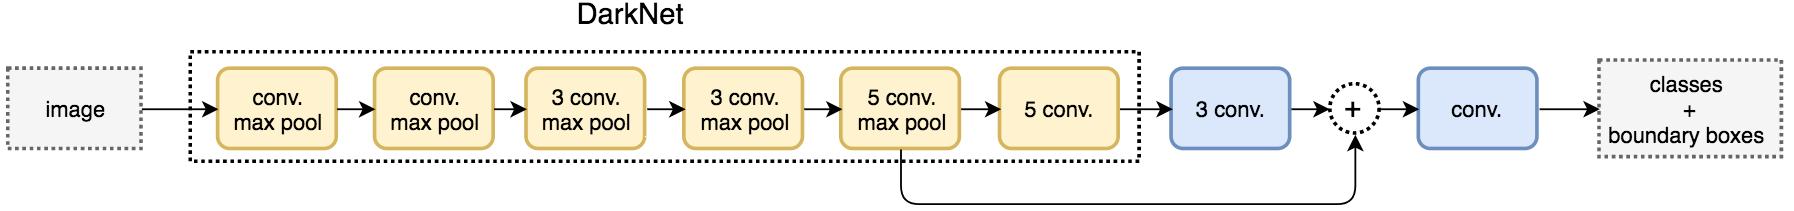 Yolo darknet пароль для tor browser гирда